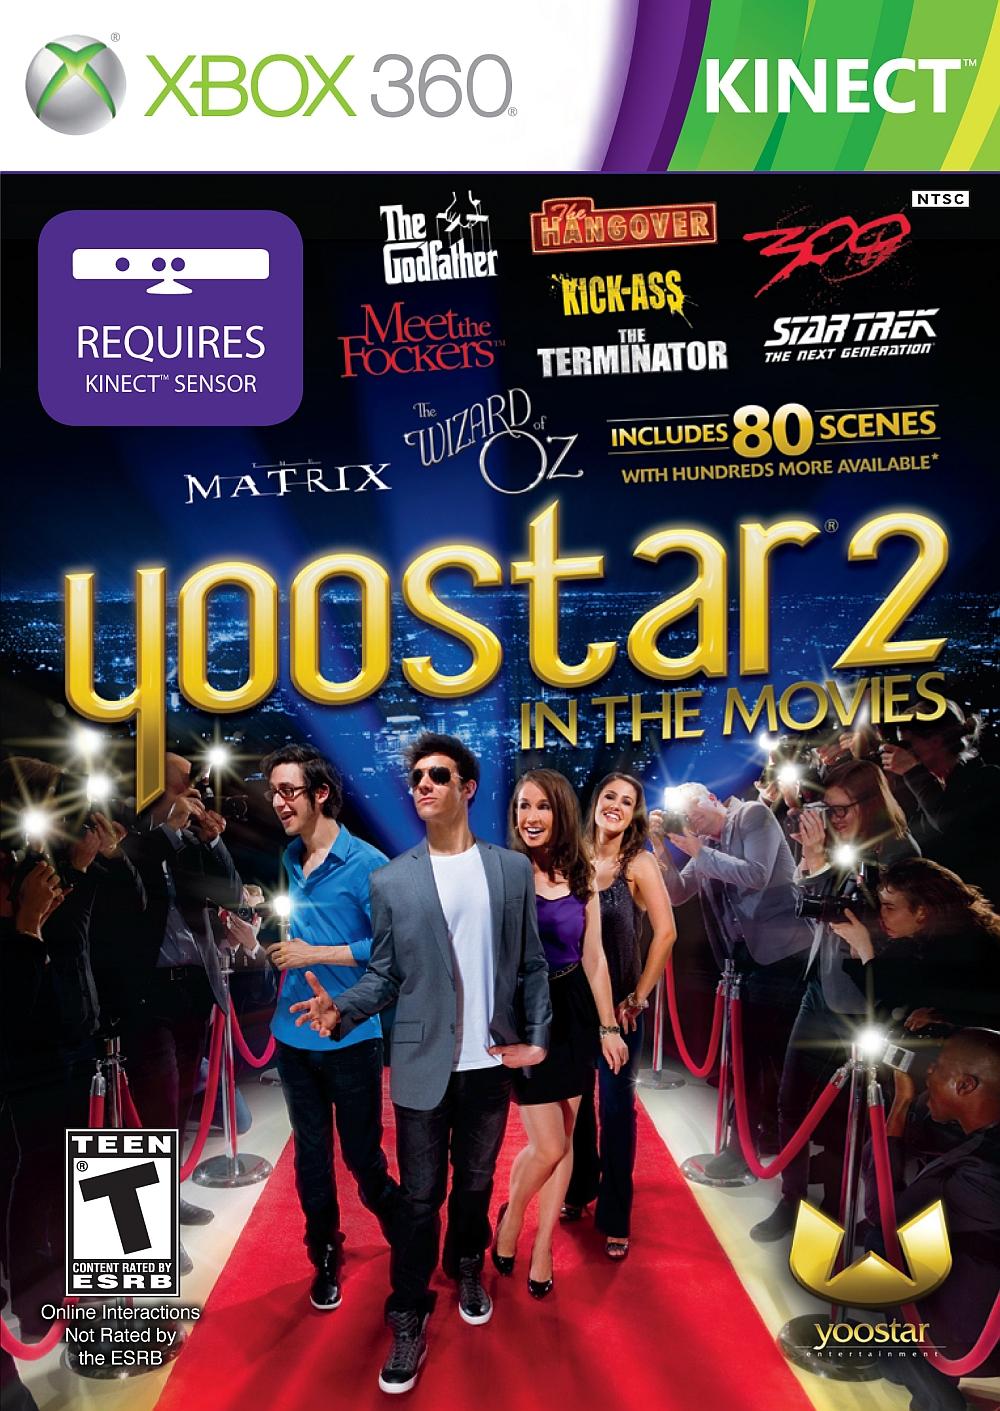 Yoostar 2 X360 US ESRB - YooStar 2 For XBox 360